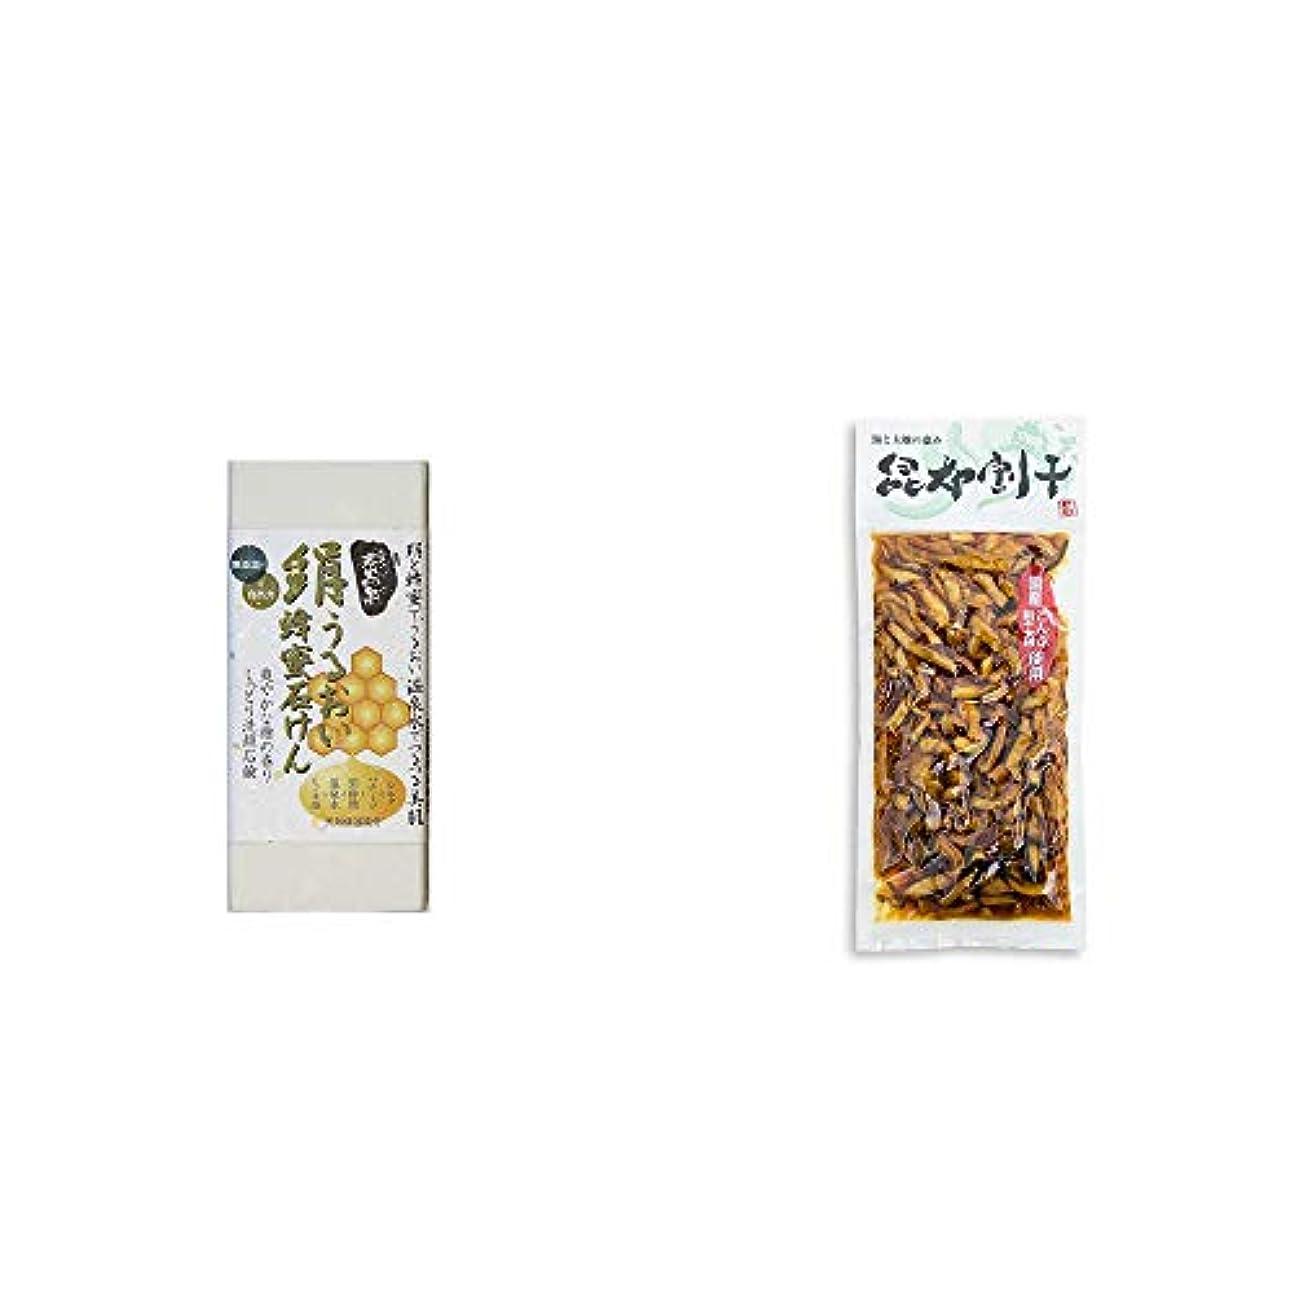 無線まっすぐにする最高[2点セット] ひのき炭黒泉 絹うるおい蜂蜜石けん(75g×2)?海と大地の恵み 昆布割干(250g)